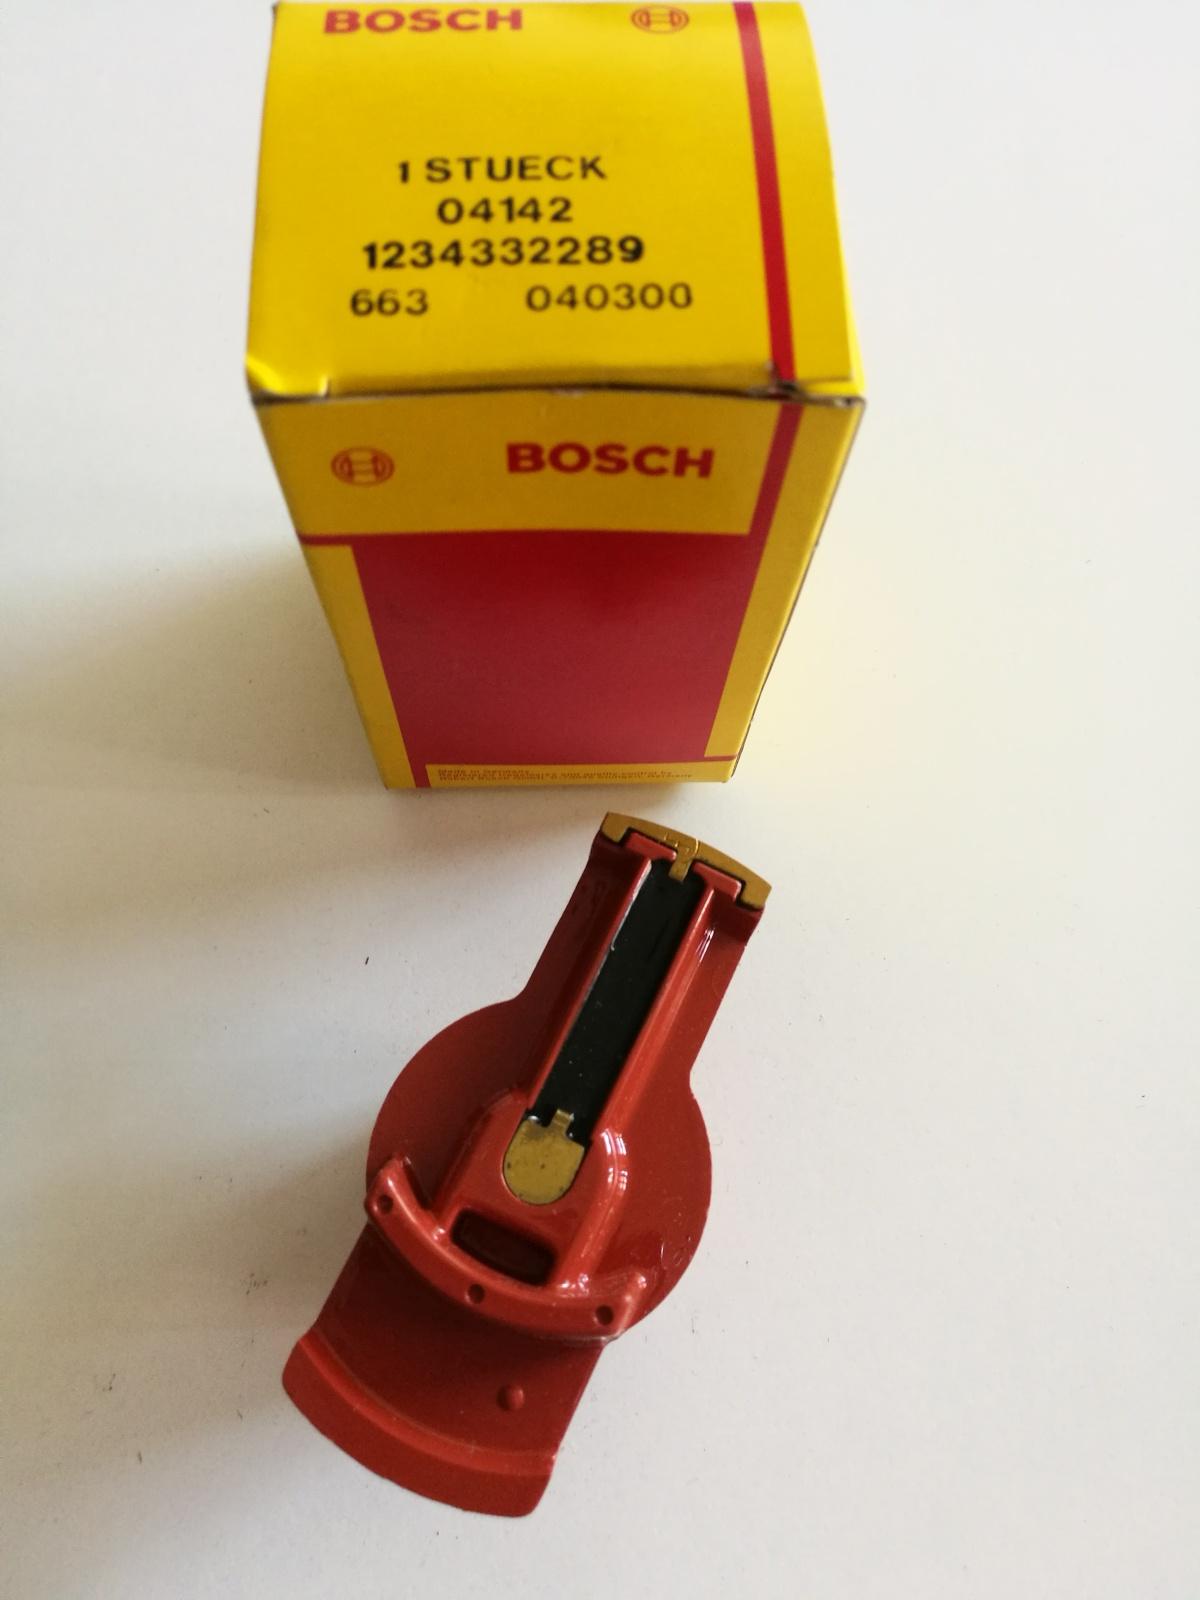 Bosch 1234332289 Zündverteilerläufer Verteilerläufer 1286009 Zündverteiler